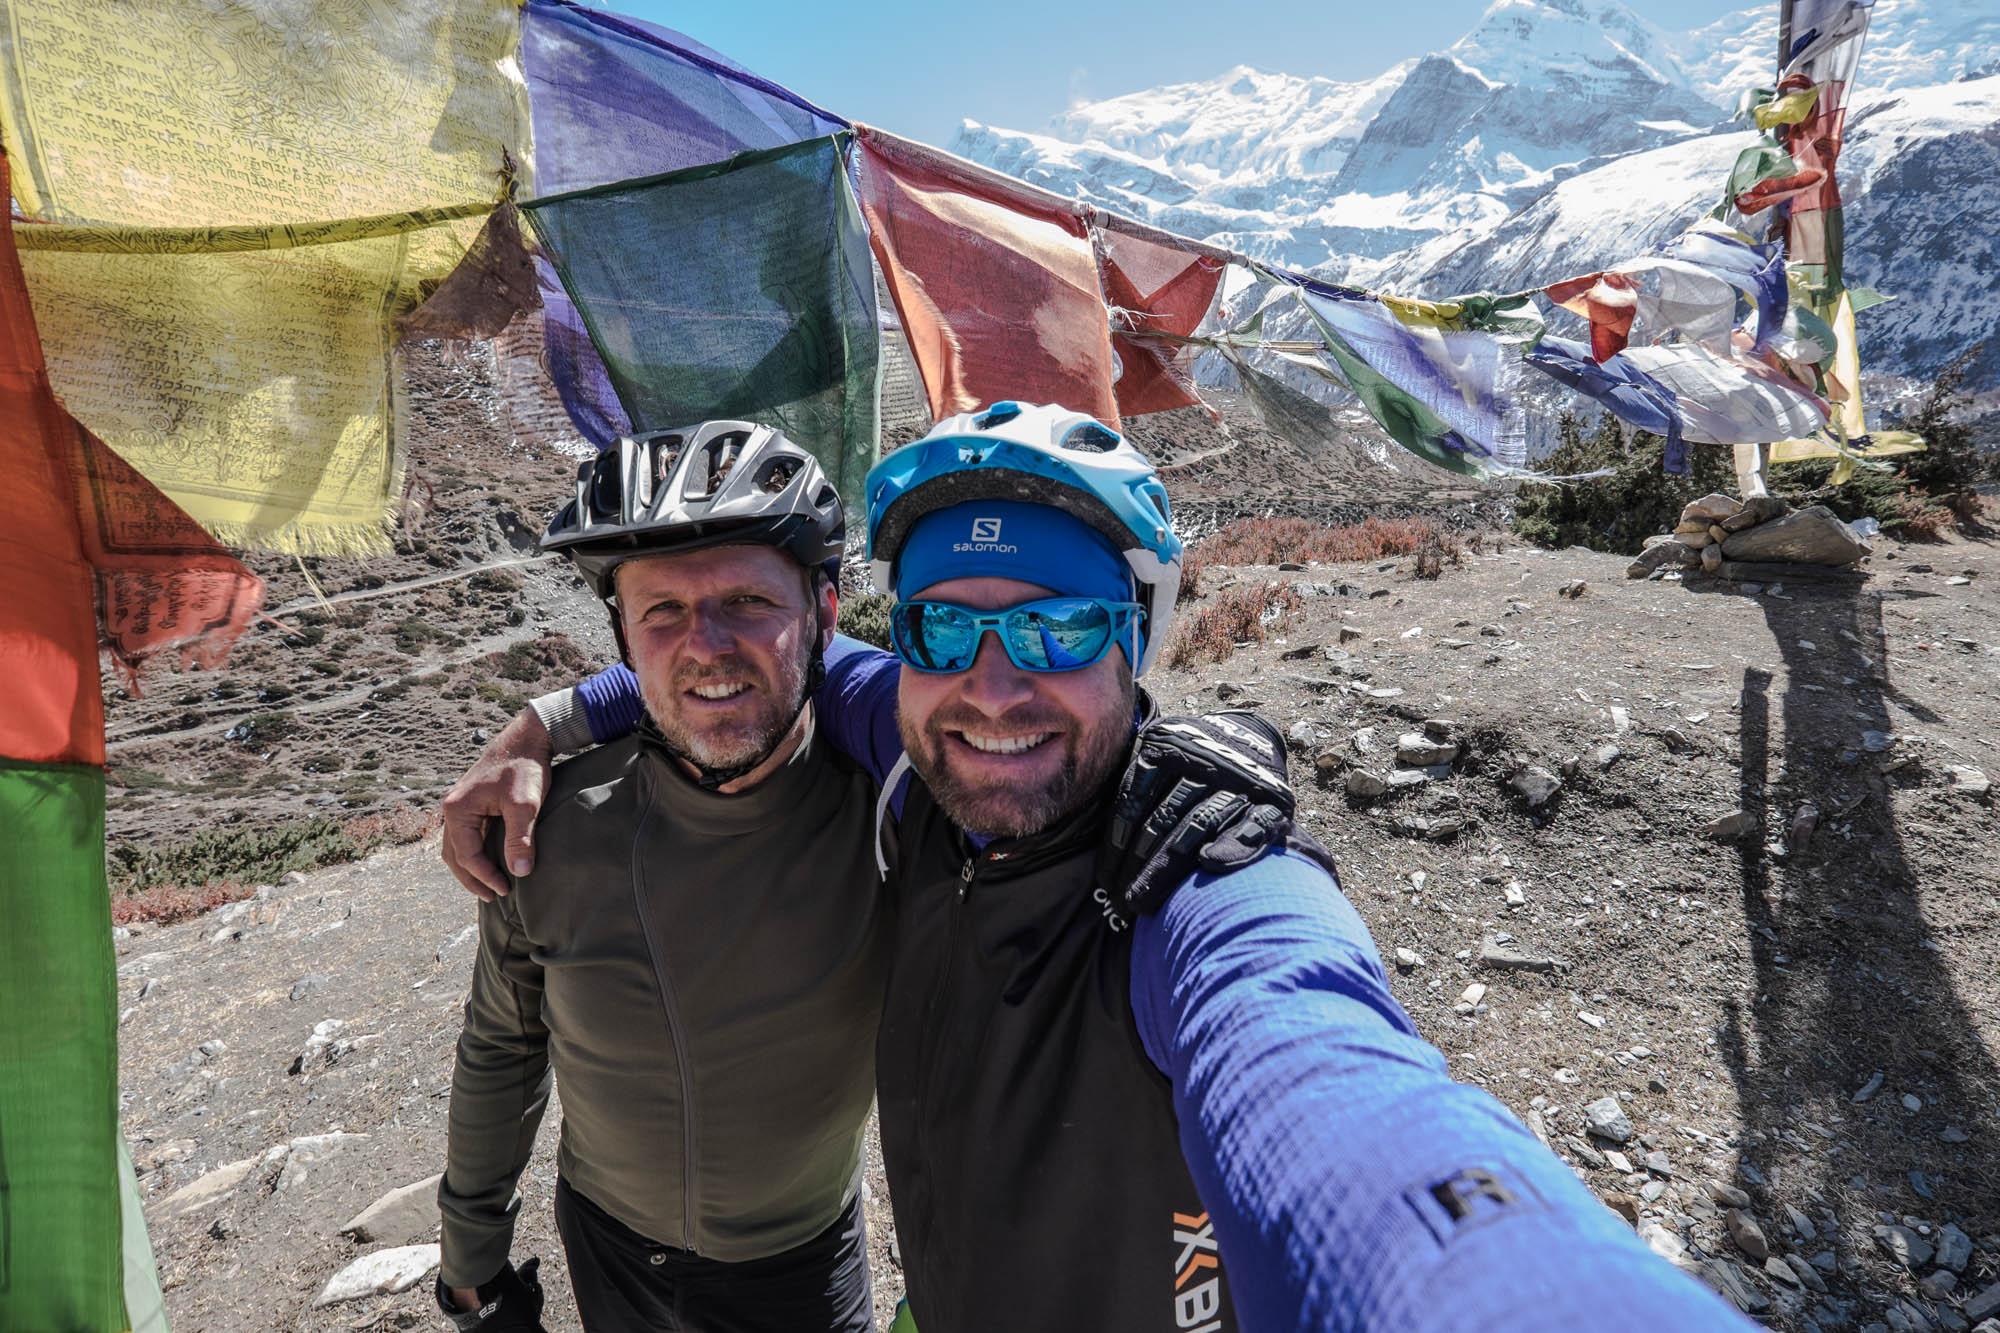 Selfie von Jens Vögele und Andreas Kern neben buddhistischen Gebesfahnen und vor dem Panorama des Himalaja.